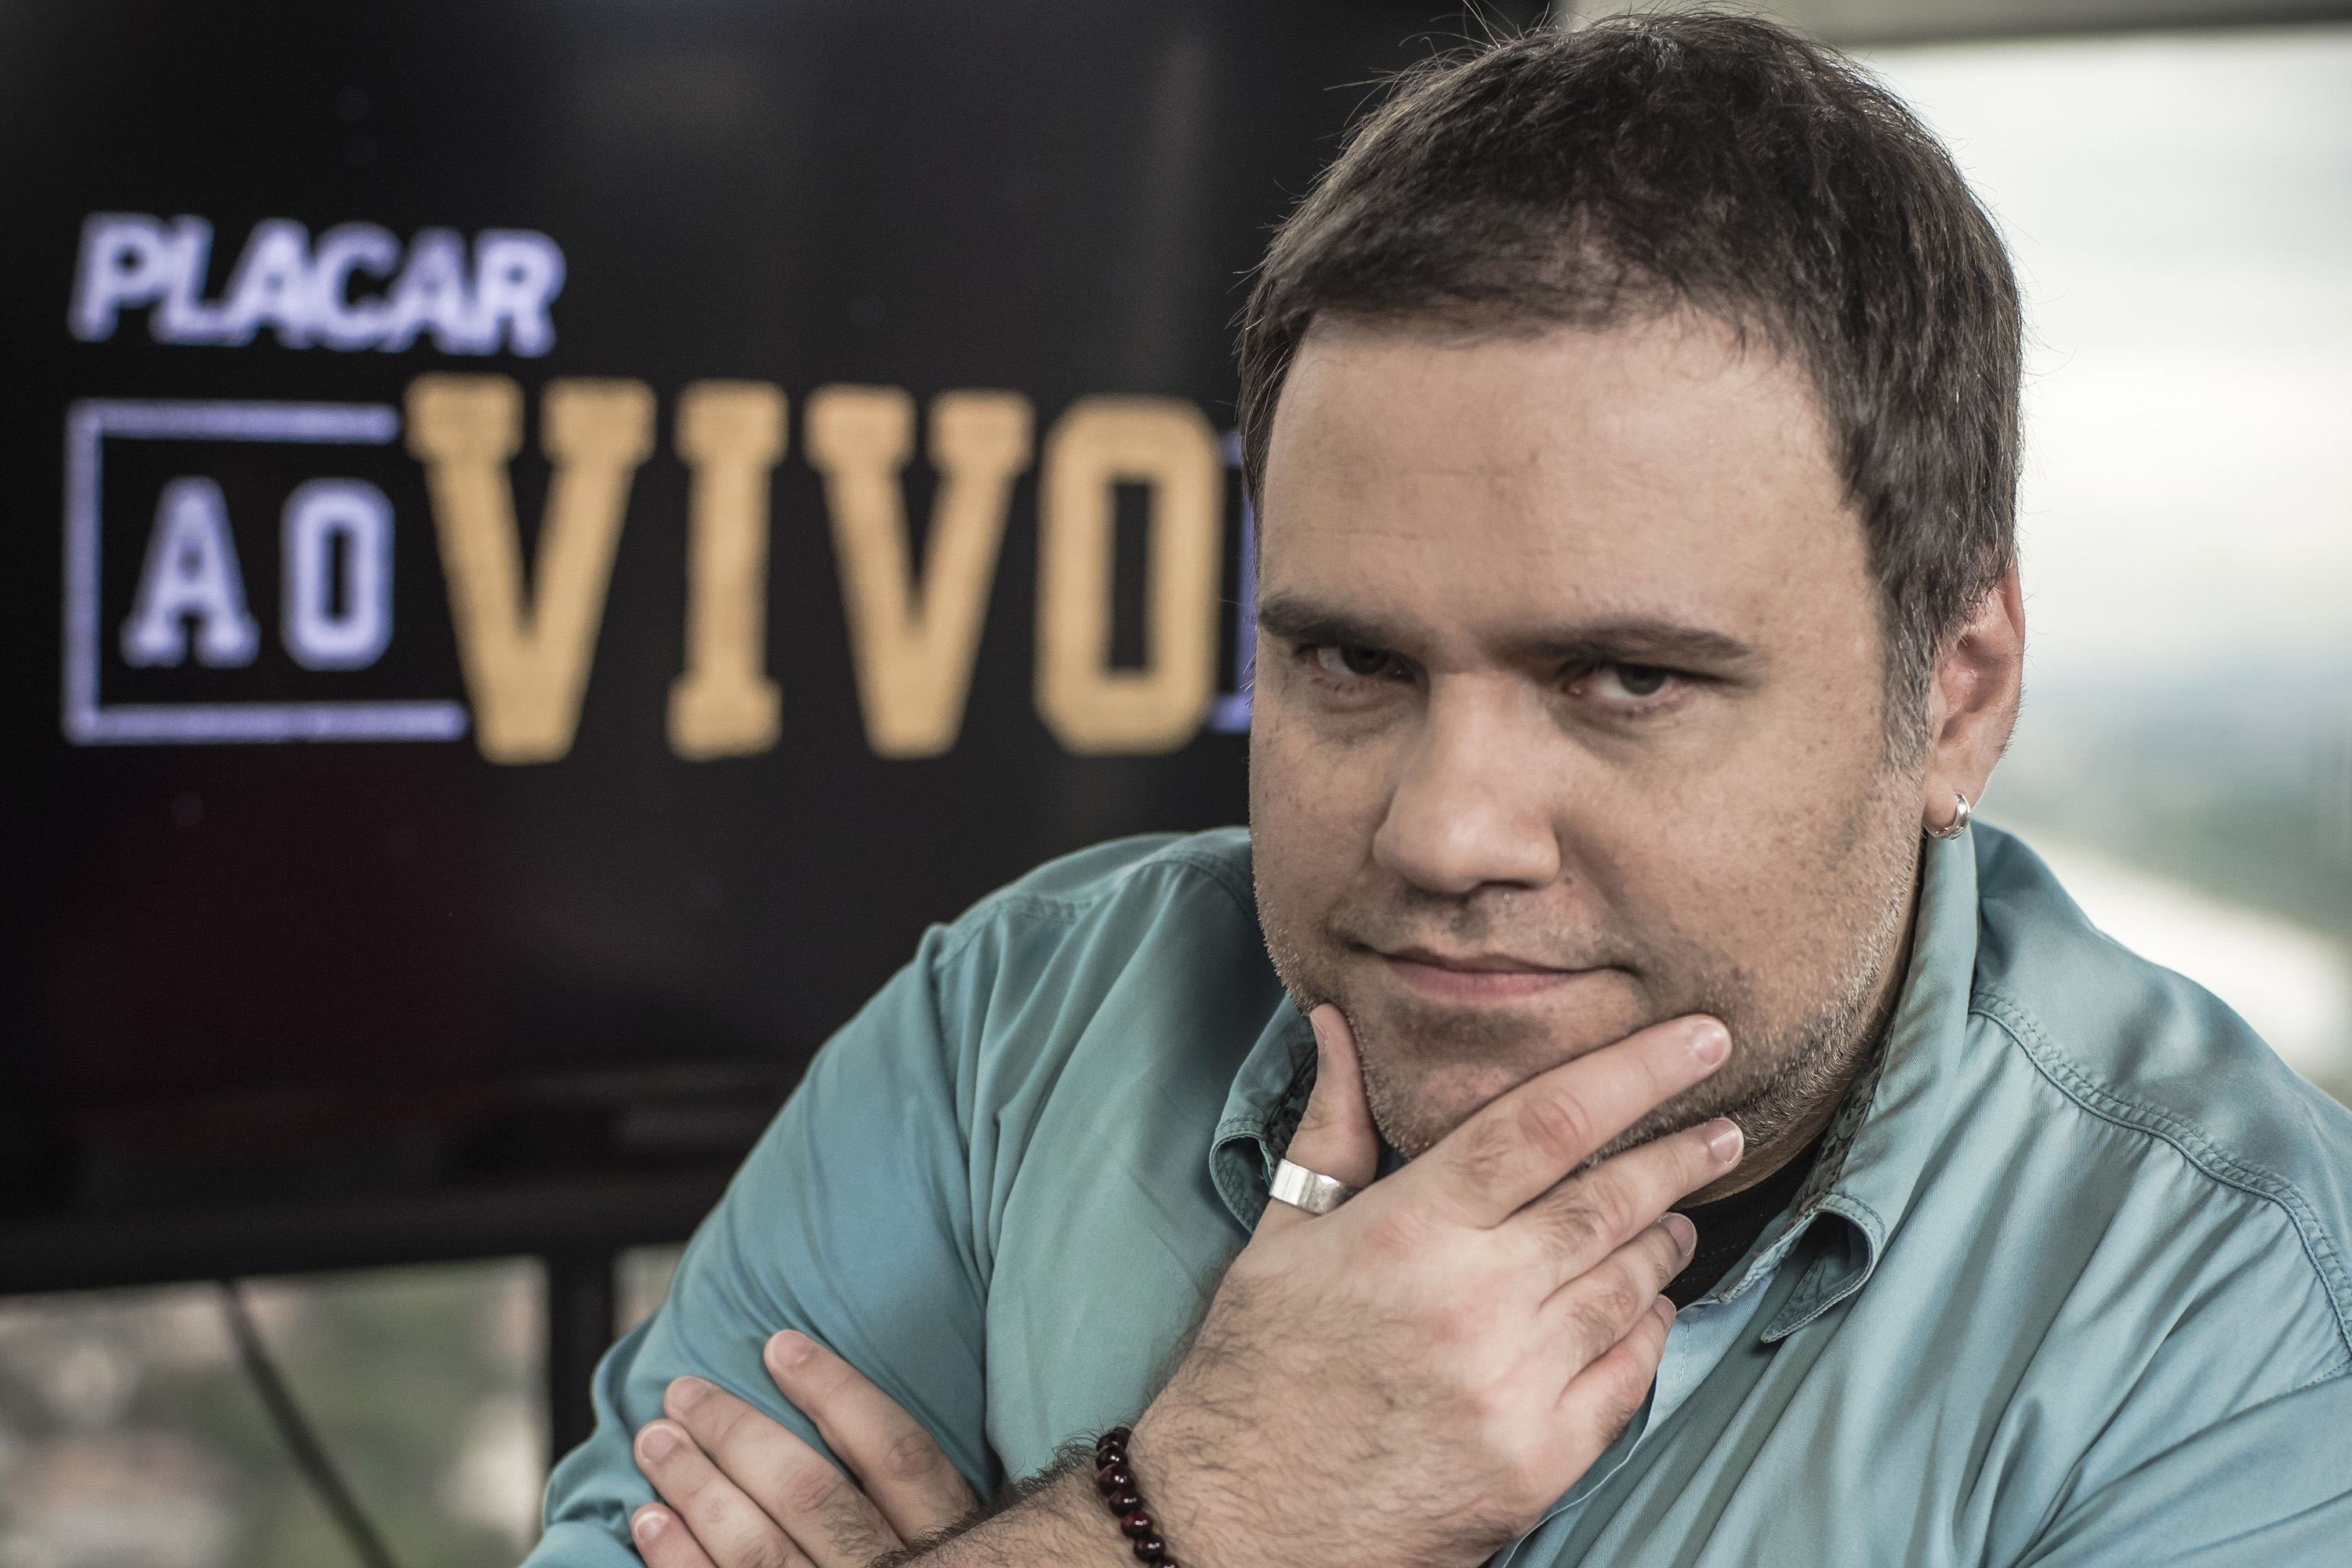 Morre o jornalista Rodrigo Rodrigues, aos 45 anos | VEJA